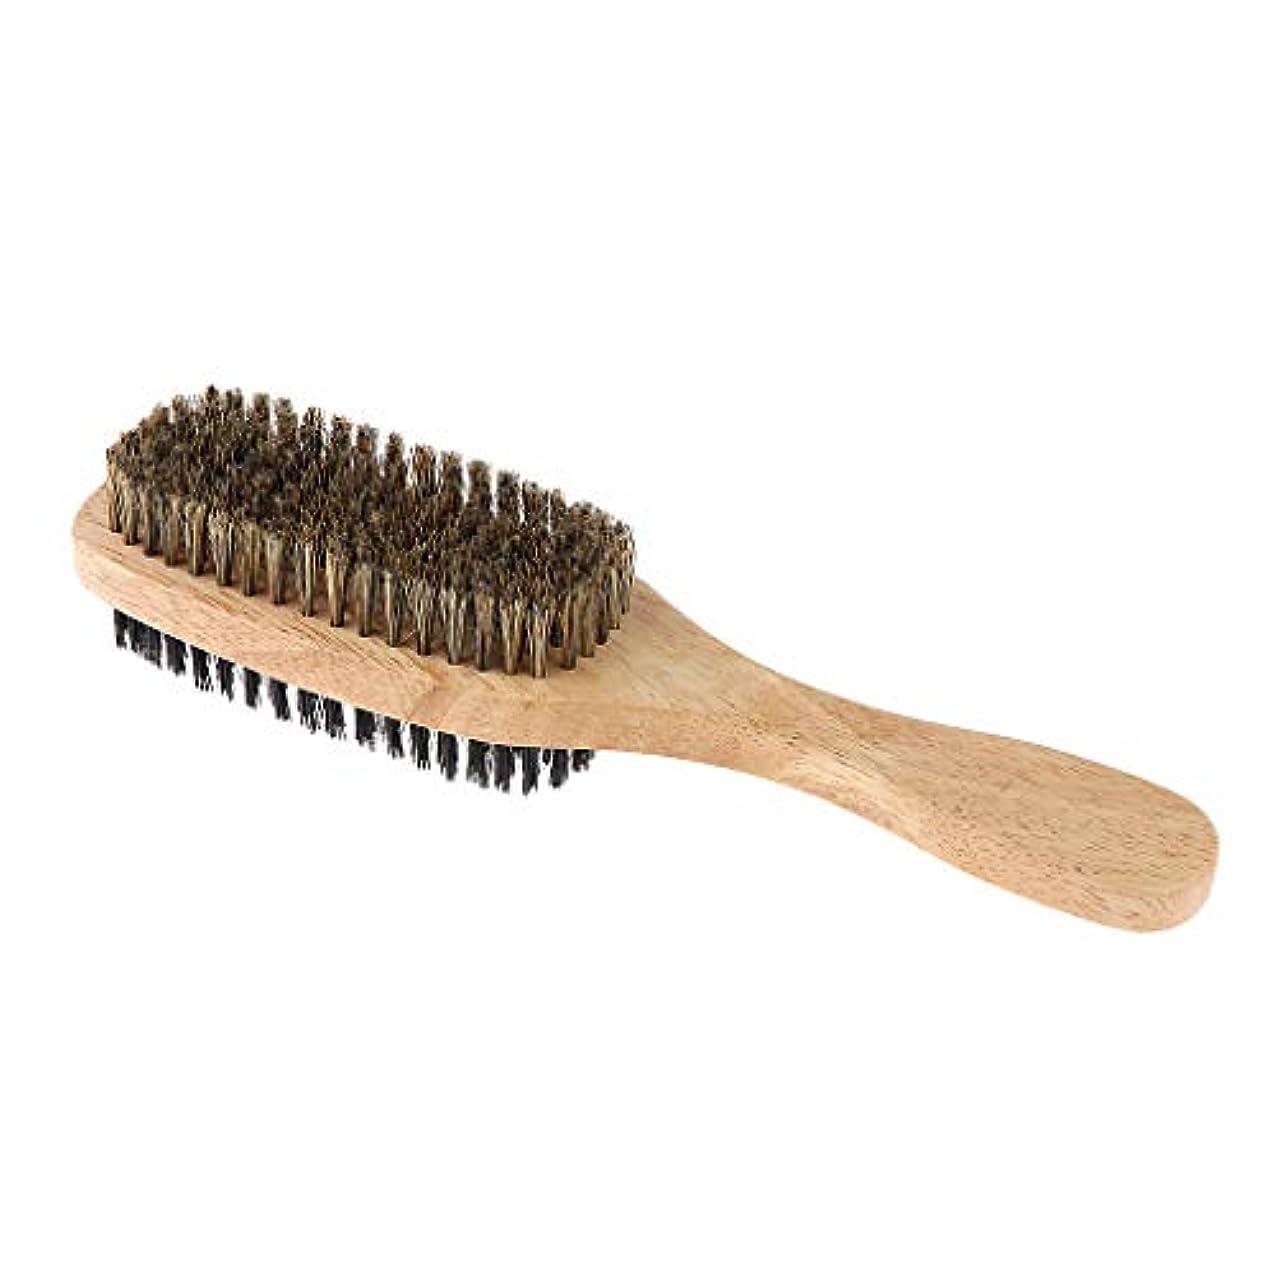 放棄歴史あなたはSharplace ひげブラシ 両面ブラシ メンズ用ブラシ シェービングブラシ 木製ハンドル 髭剃り 泡立ち 3サイズ選べ - A